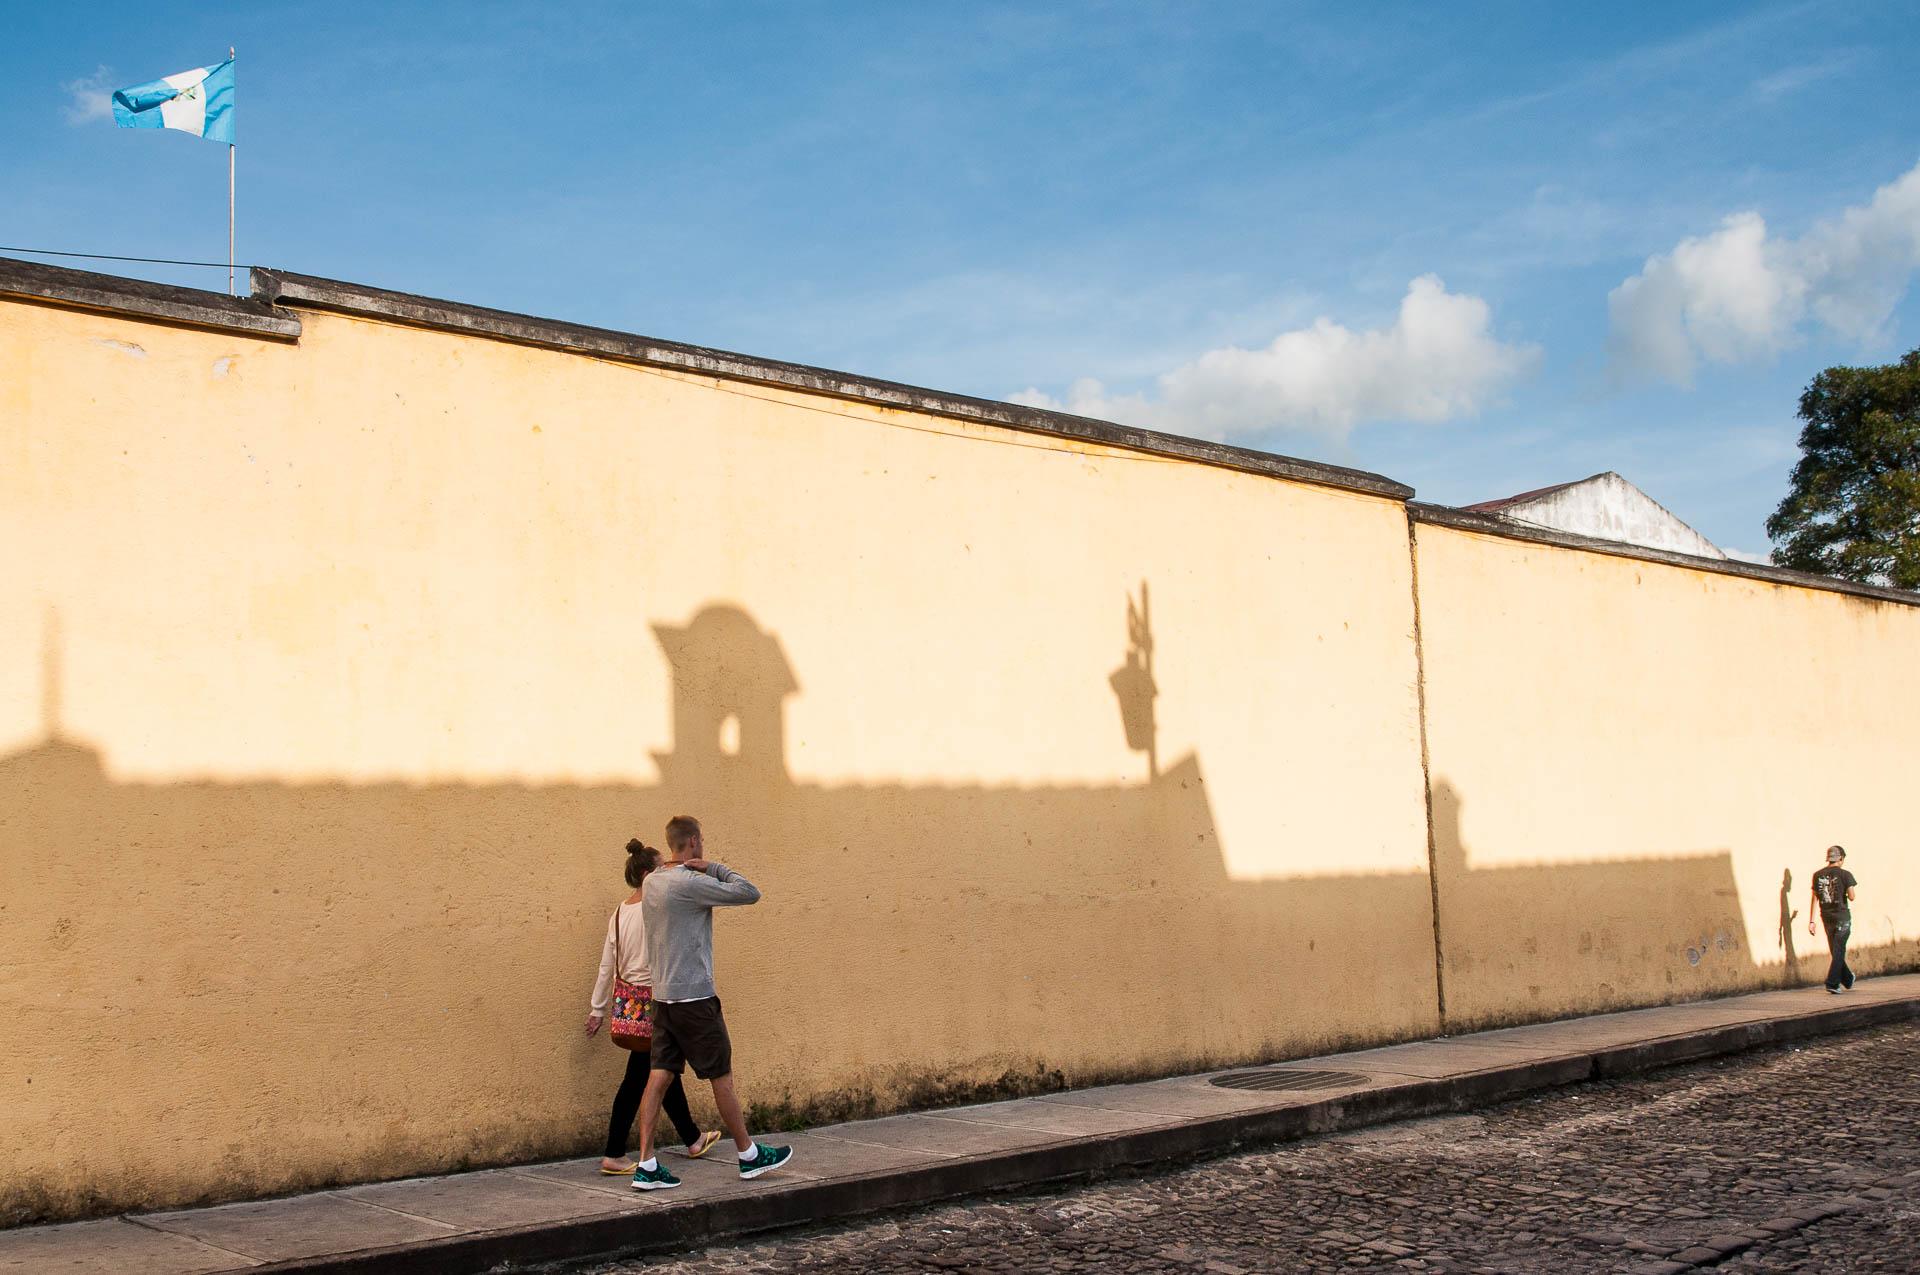 Antigua ruelle ombre - Les globe blogueurs - blog voyage nature